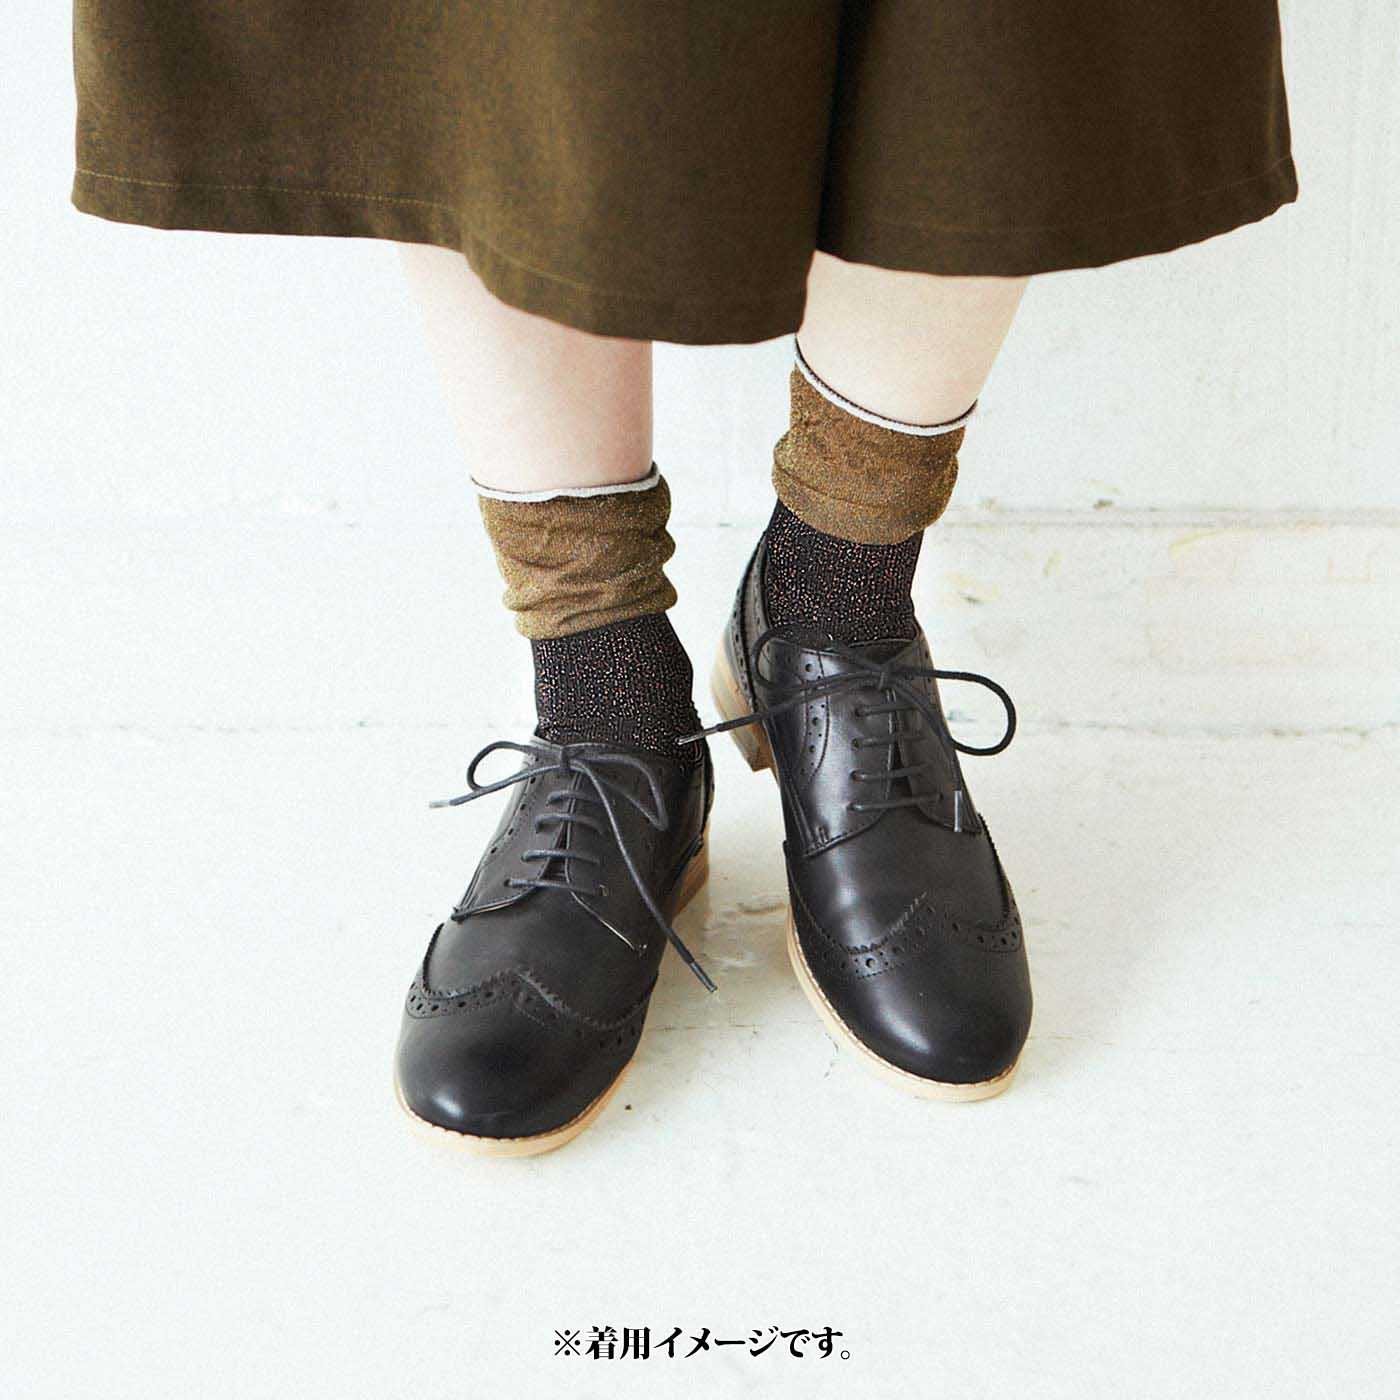 薄手なので、細身の靴にも。ひざ下丈のボトムスは伸ばして素肌の見えるボリュームを調整して。